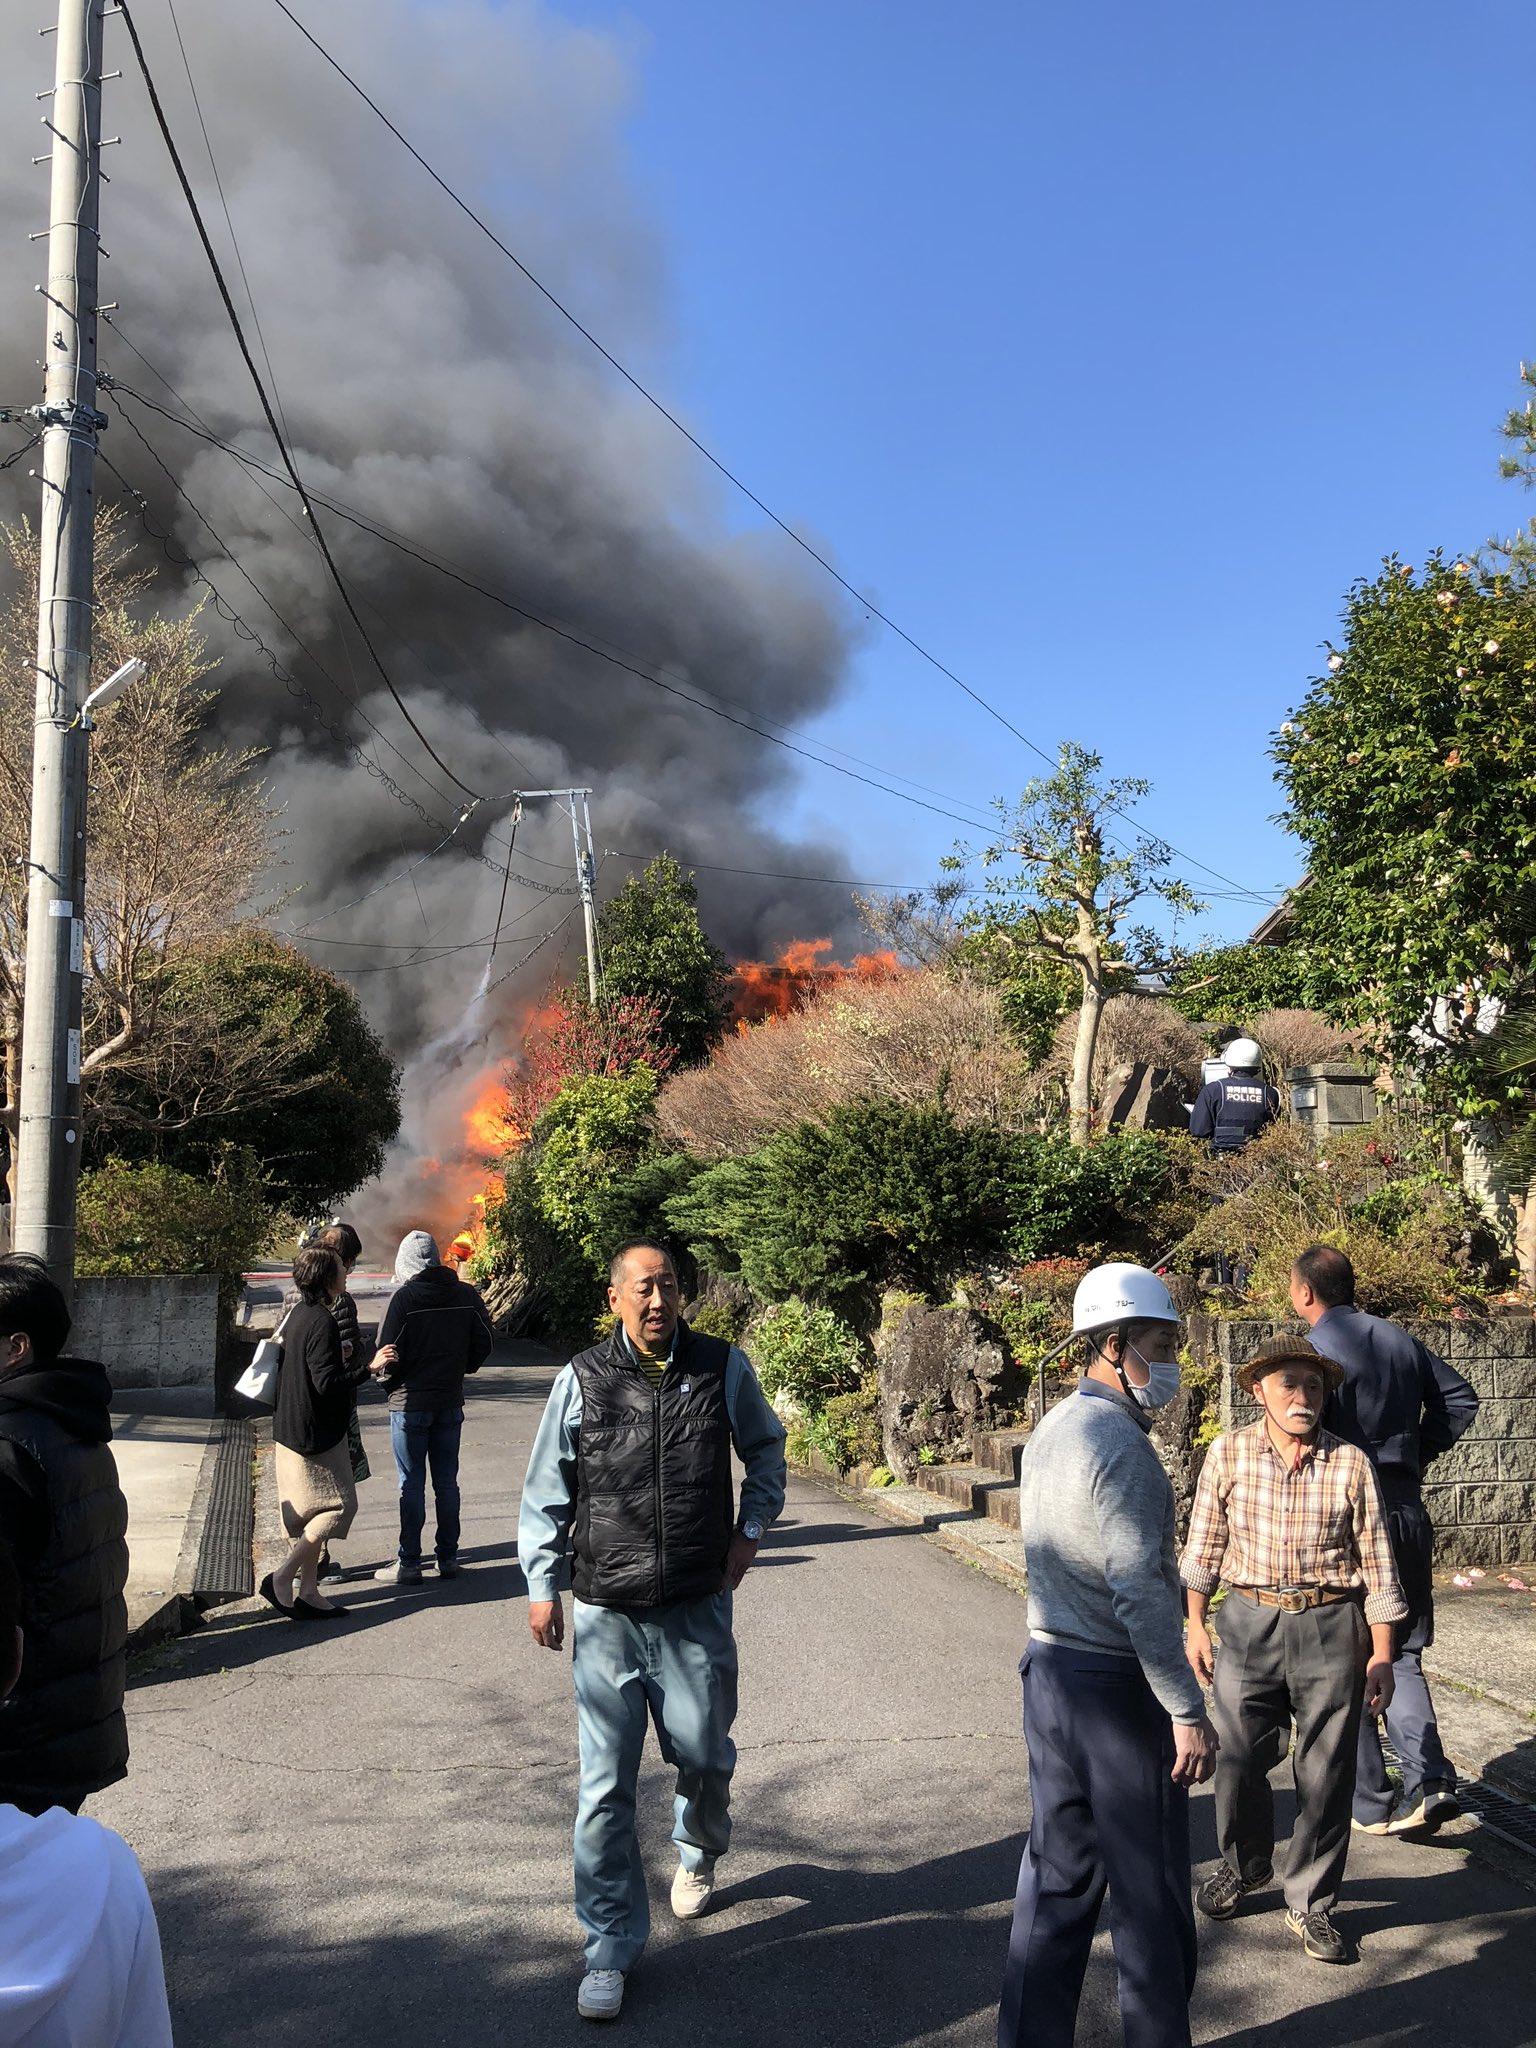 伊東市八幡野の伊豆高原で火事が起きている現場の画像